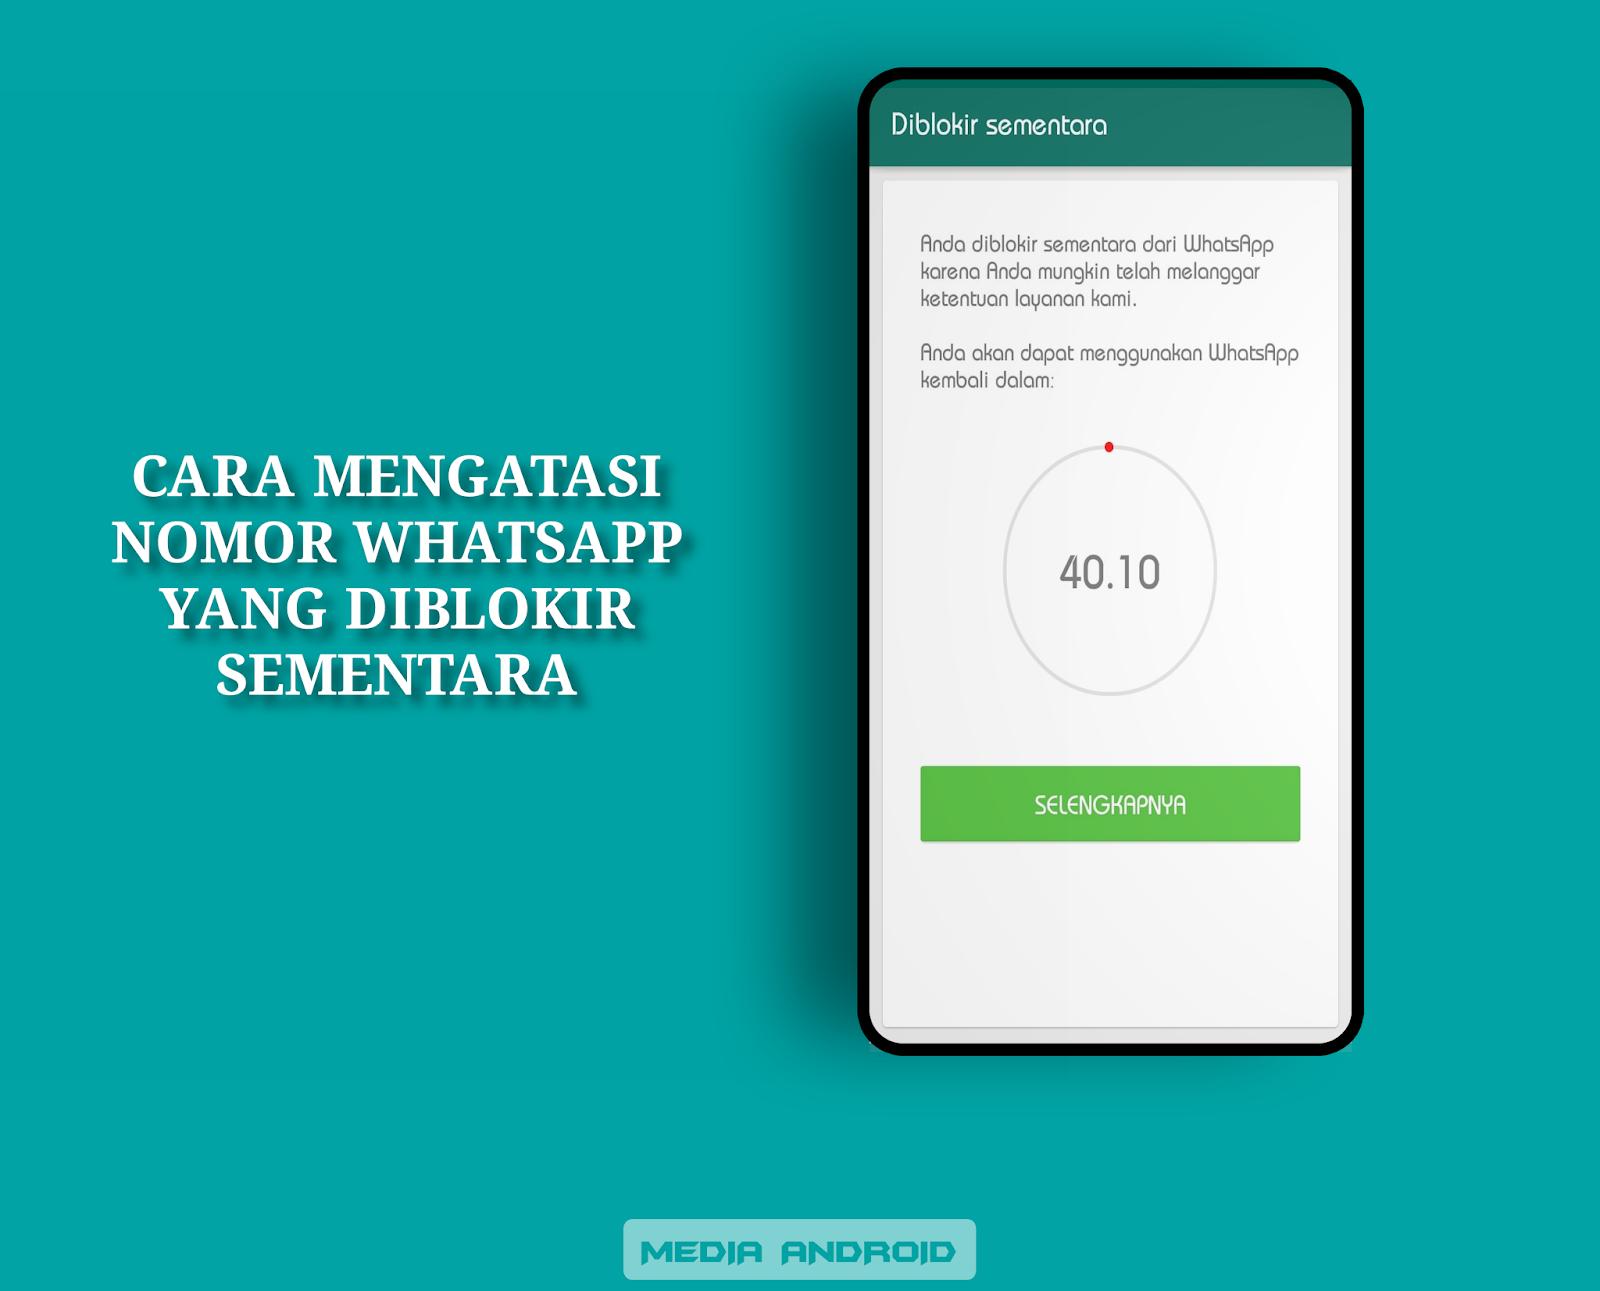 Mengatasi Akun WhatsApp Yang Diblokir